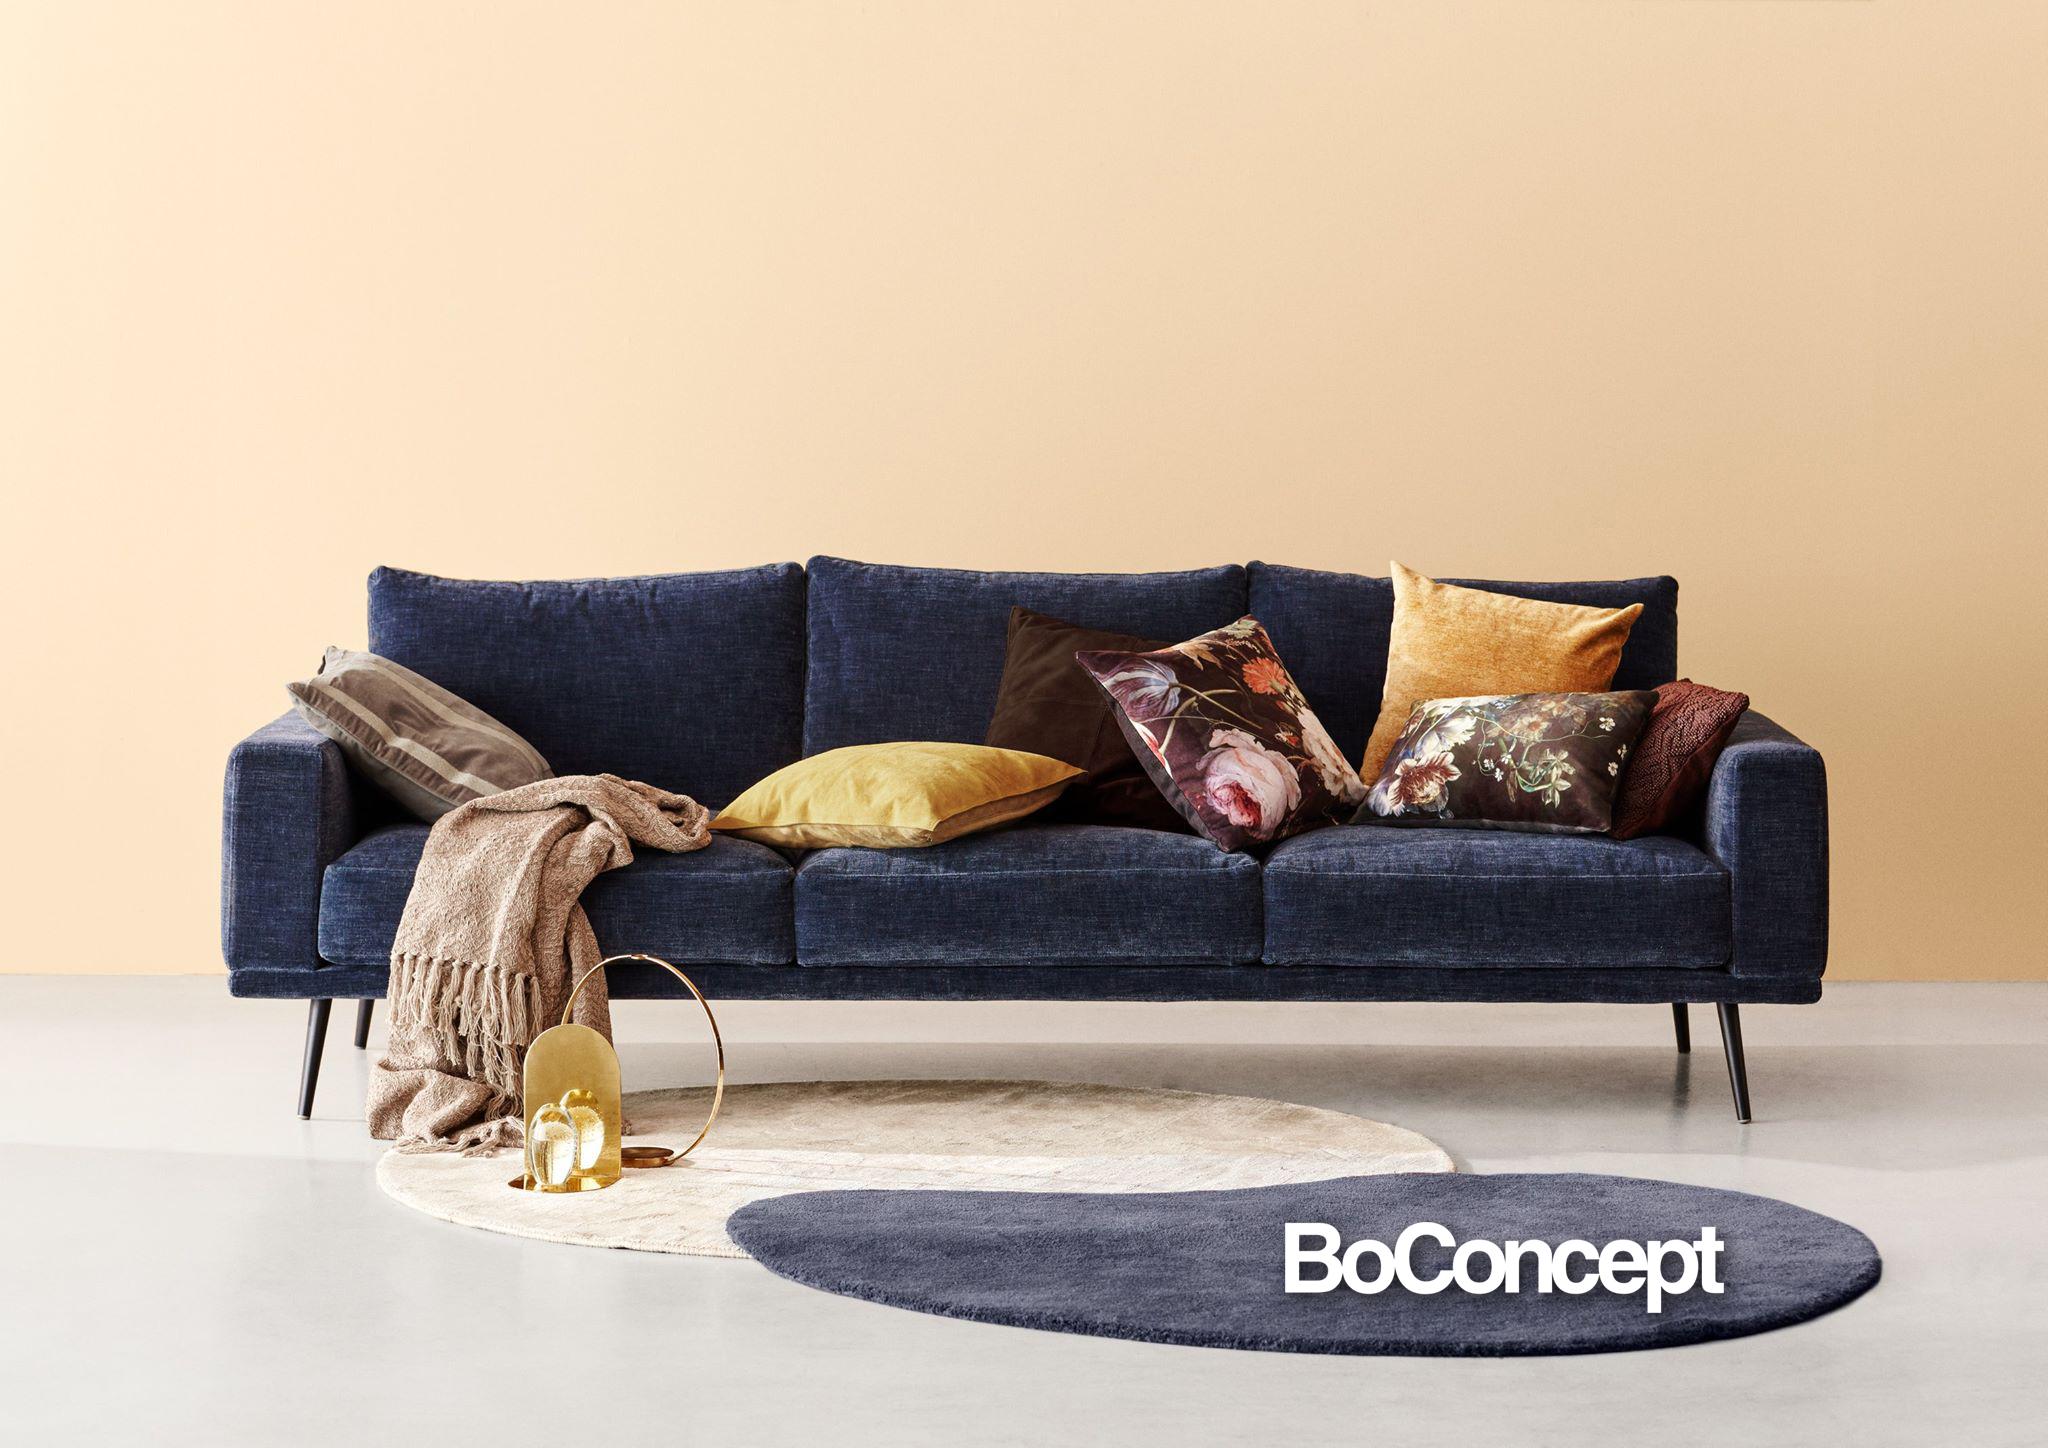 boconcept-barentin